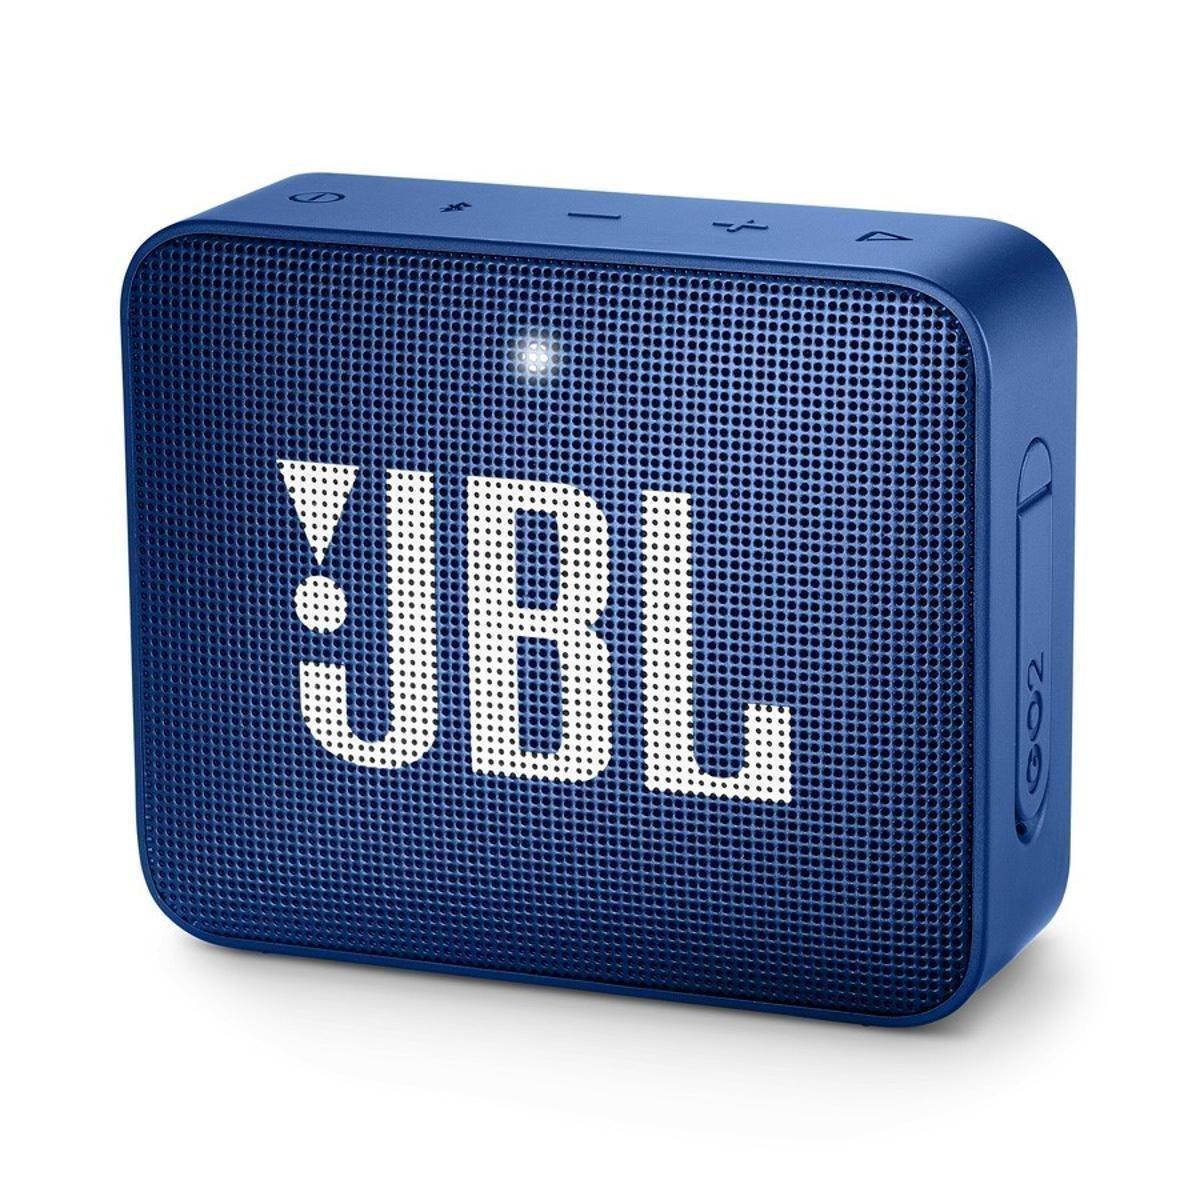 Alto-falante Jbl Go 2 Portátil Com Bluetooth Azul  - TNTinfo Loja